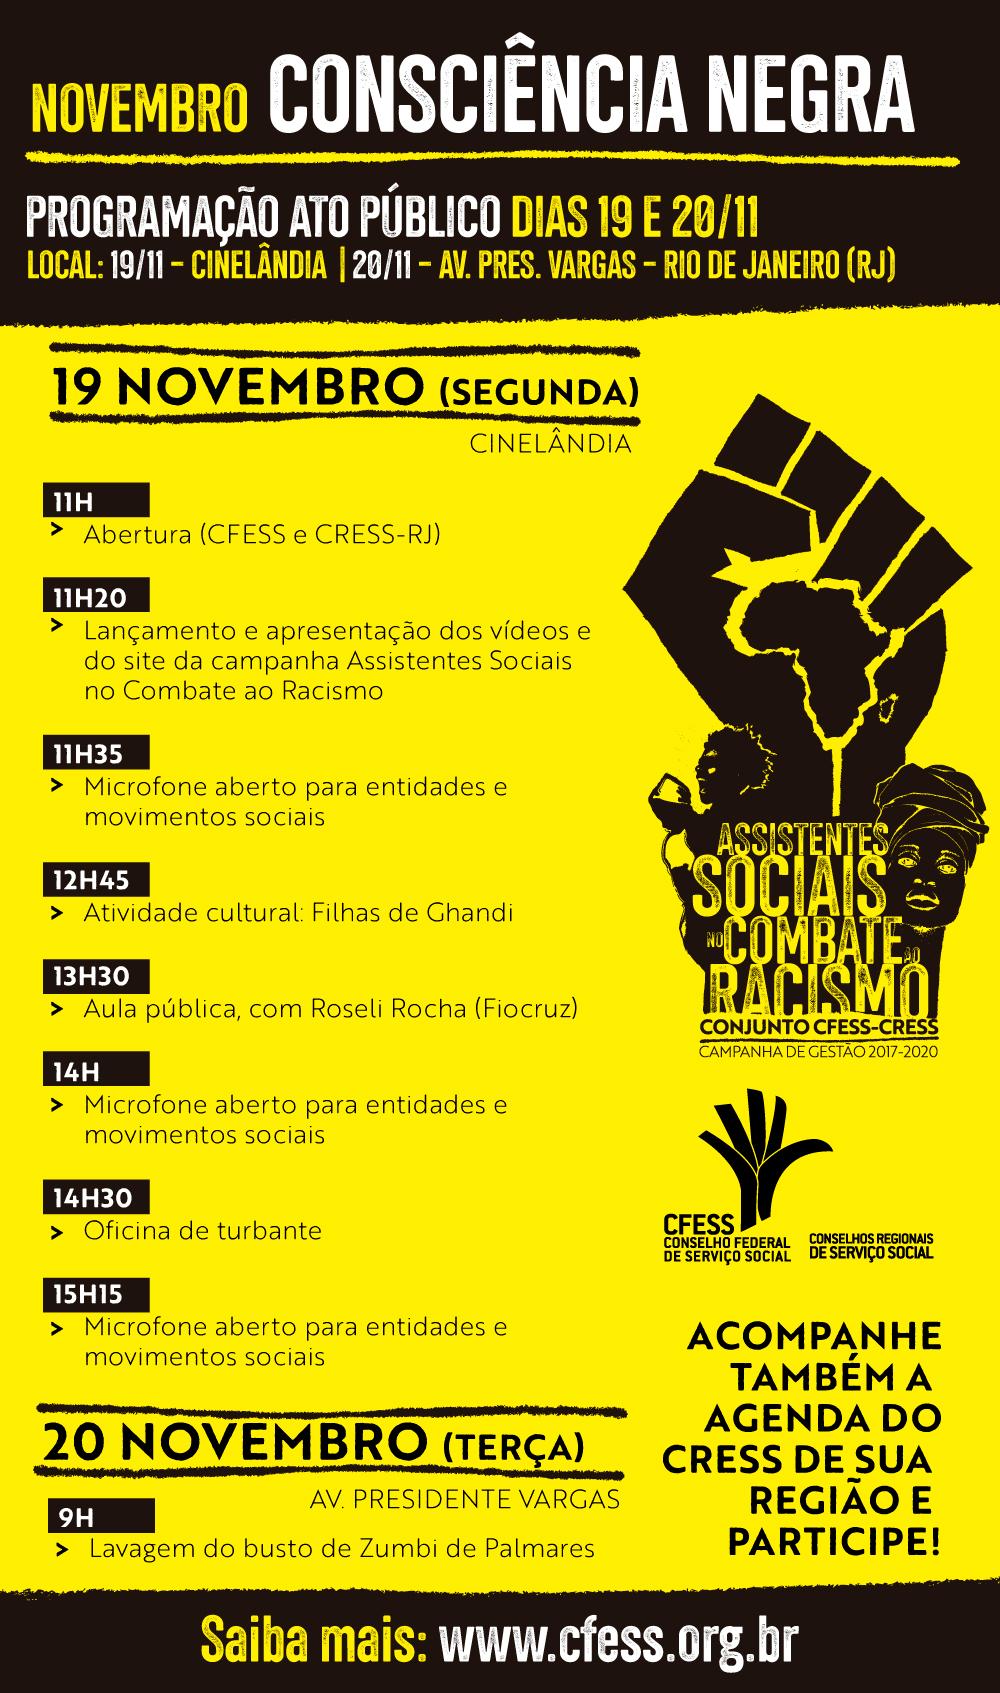 Imagem traz a programação completa dos atos organizados pelo CFSES e CRESS-RJ nos dias 19 e 20 de novembro no Rio de Janeiro